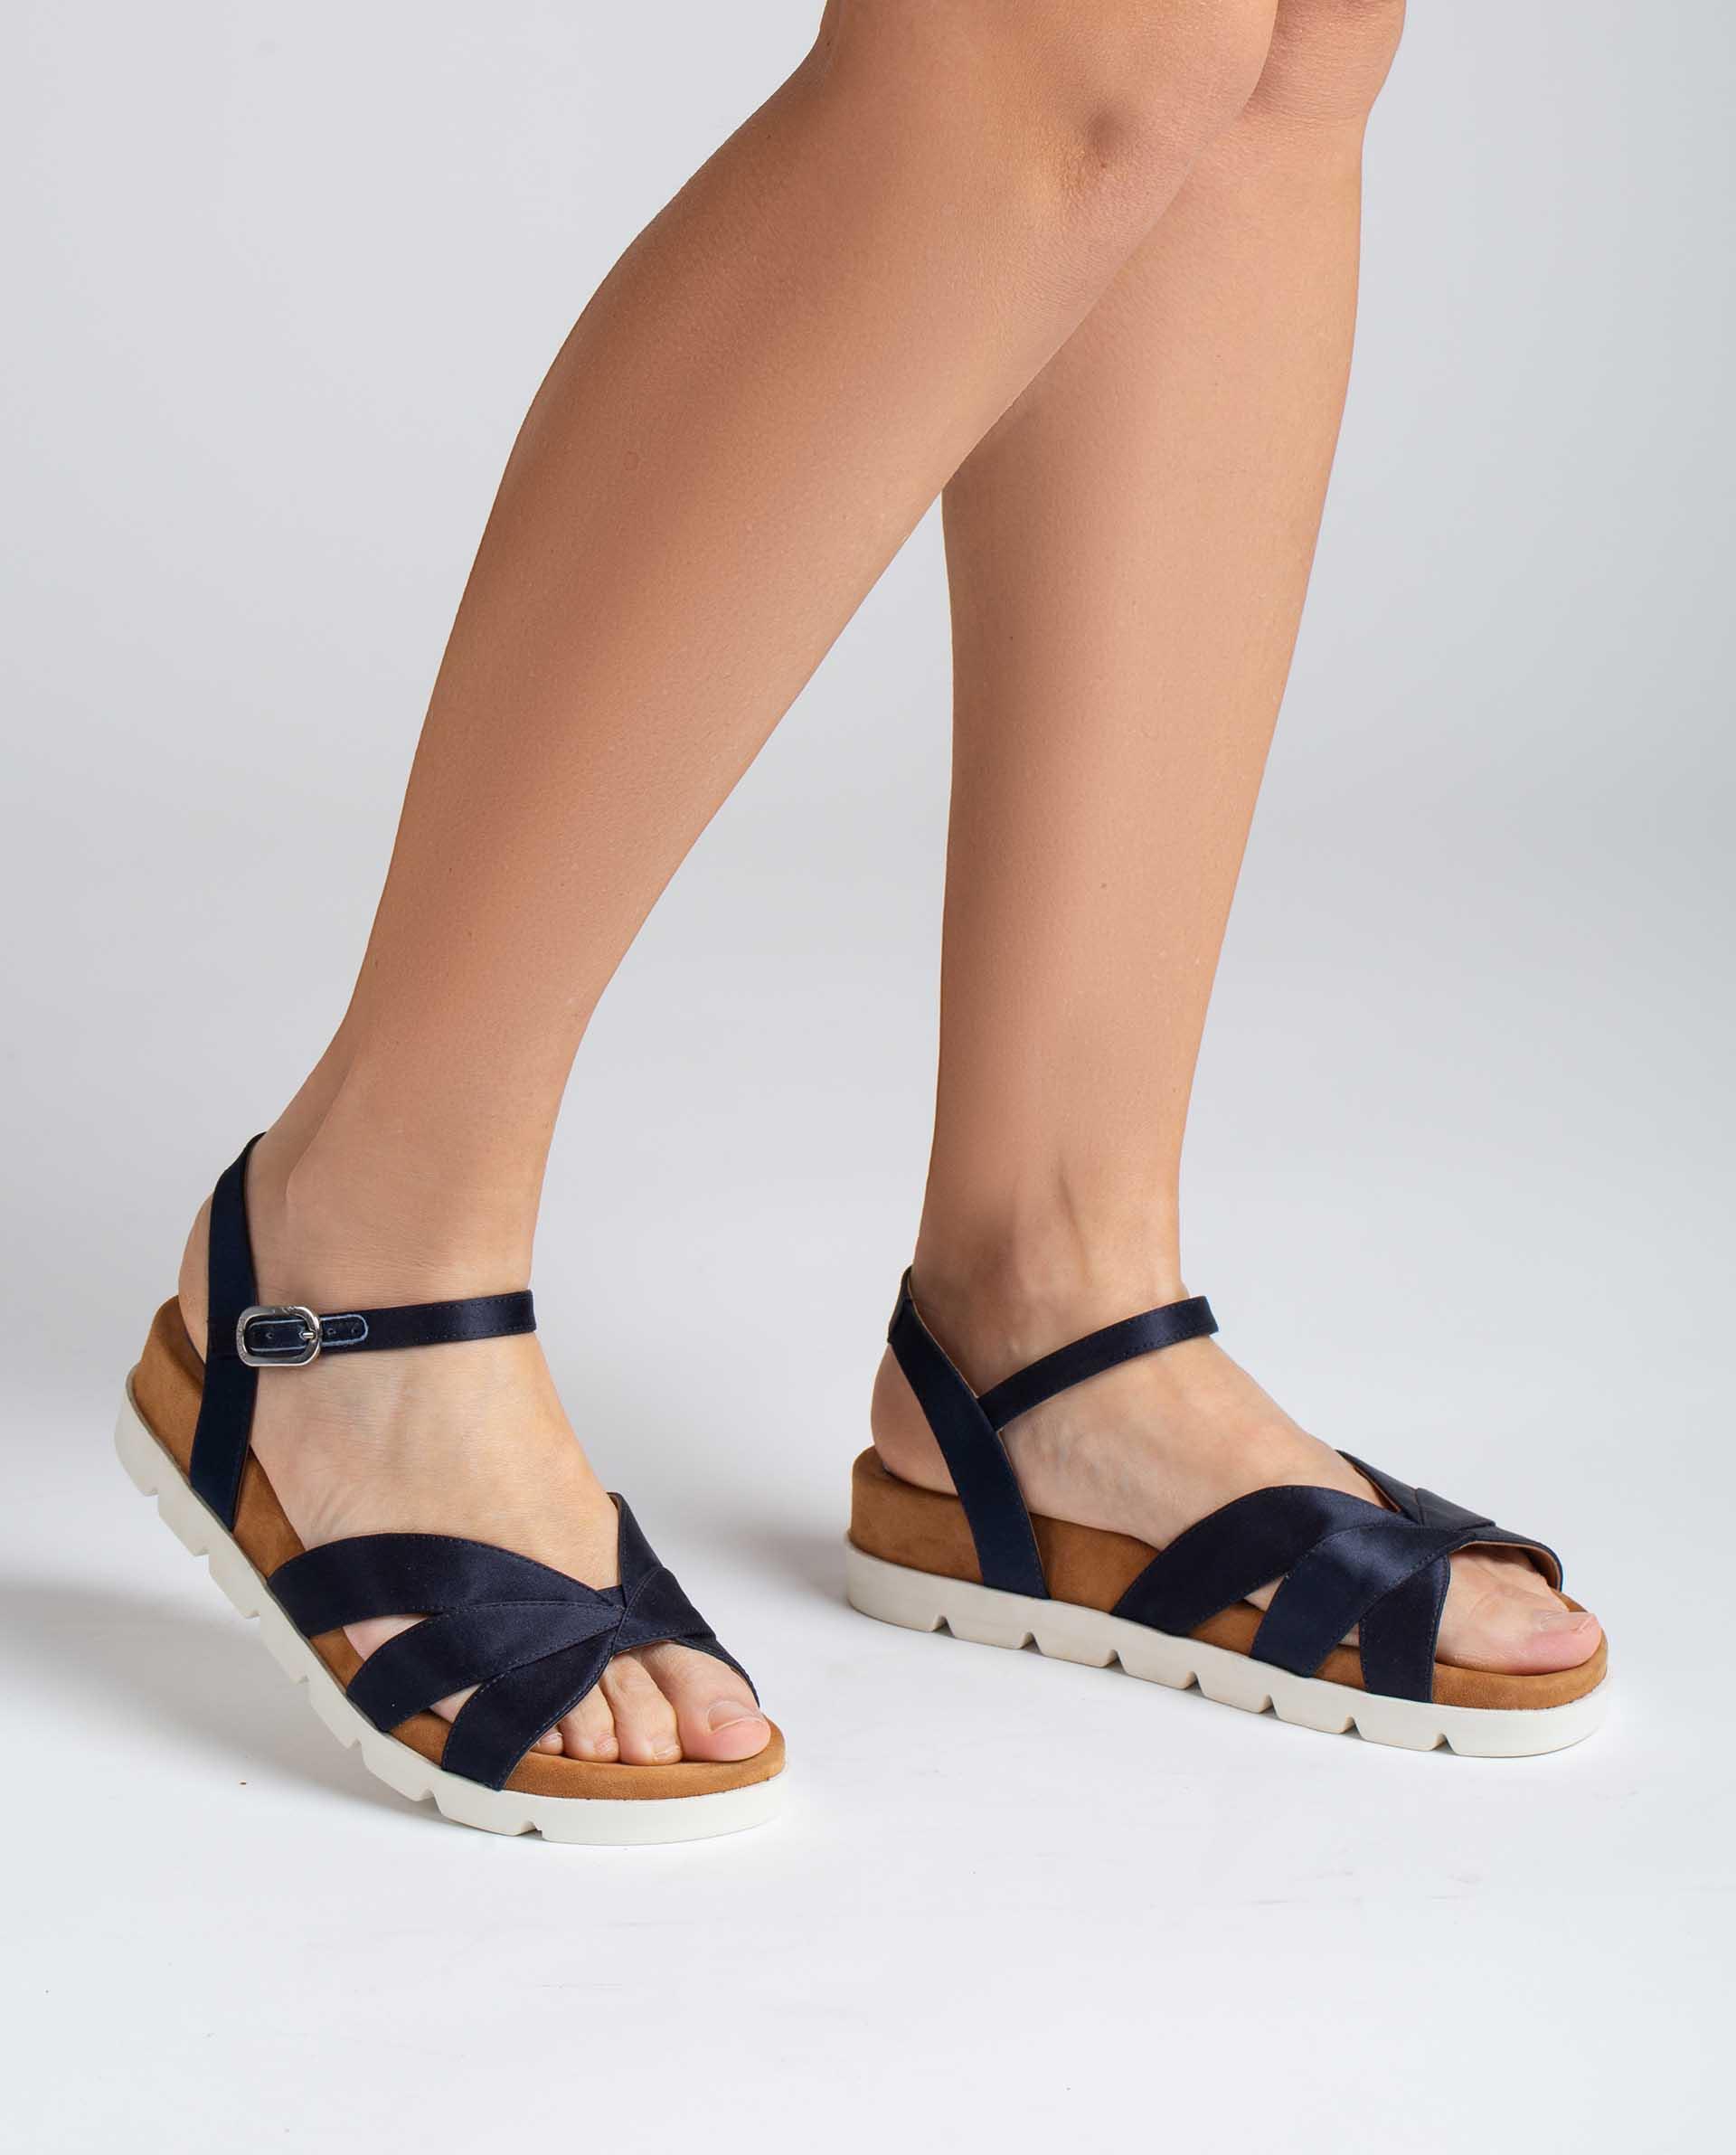 UNISA Flache Sandalen aus glänzendem Leder mit Sportsohle CEDILLO_RA 5